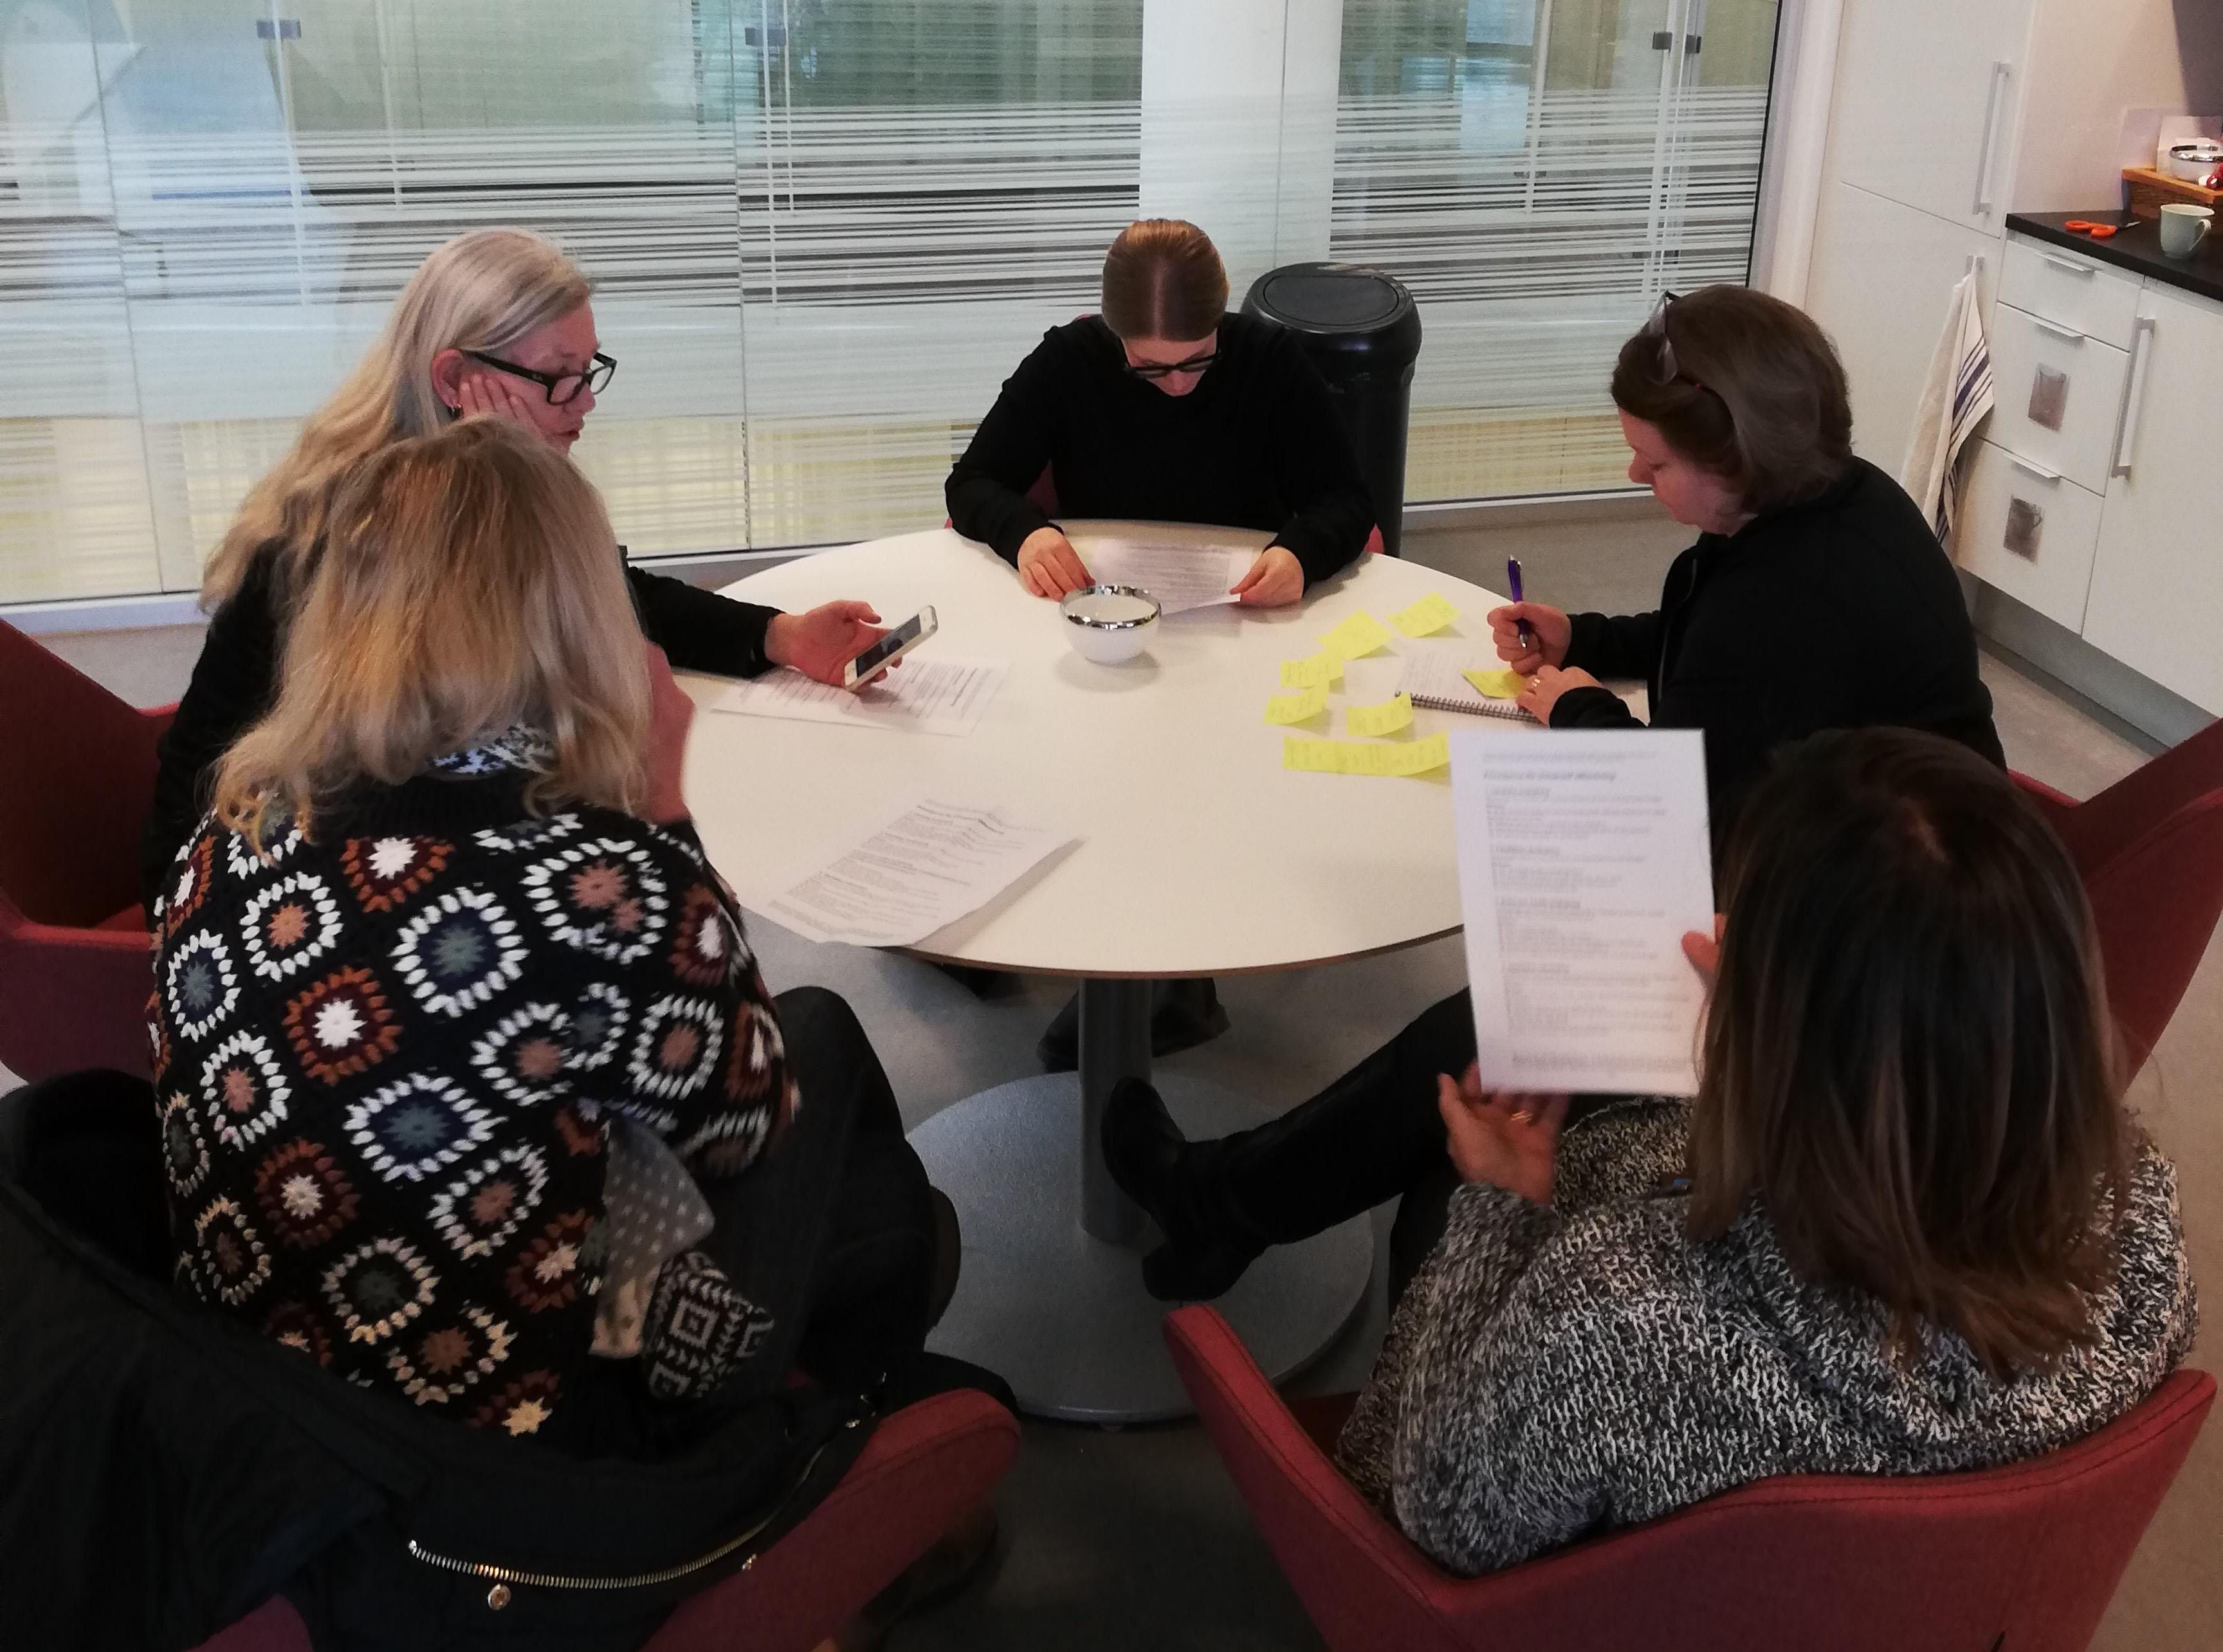 Bilden visar fem personer runt ett bord som läser och gör en gemensam uppgift